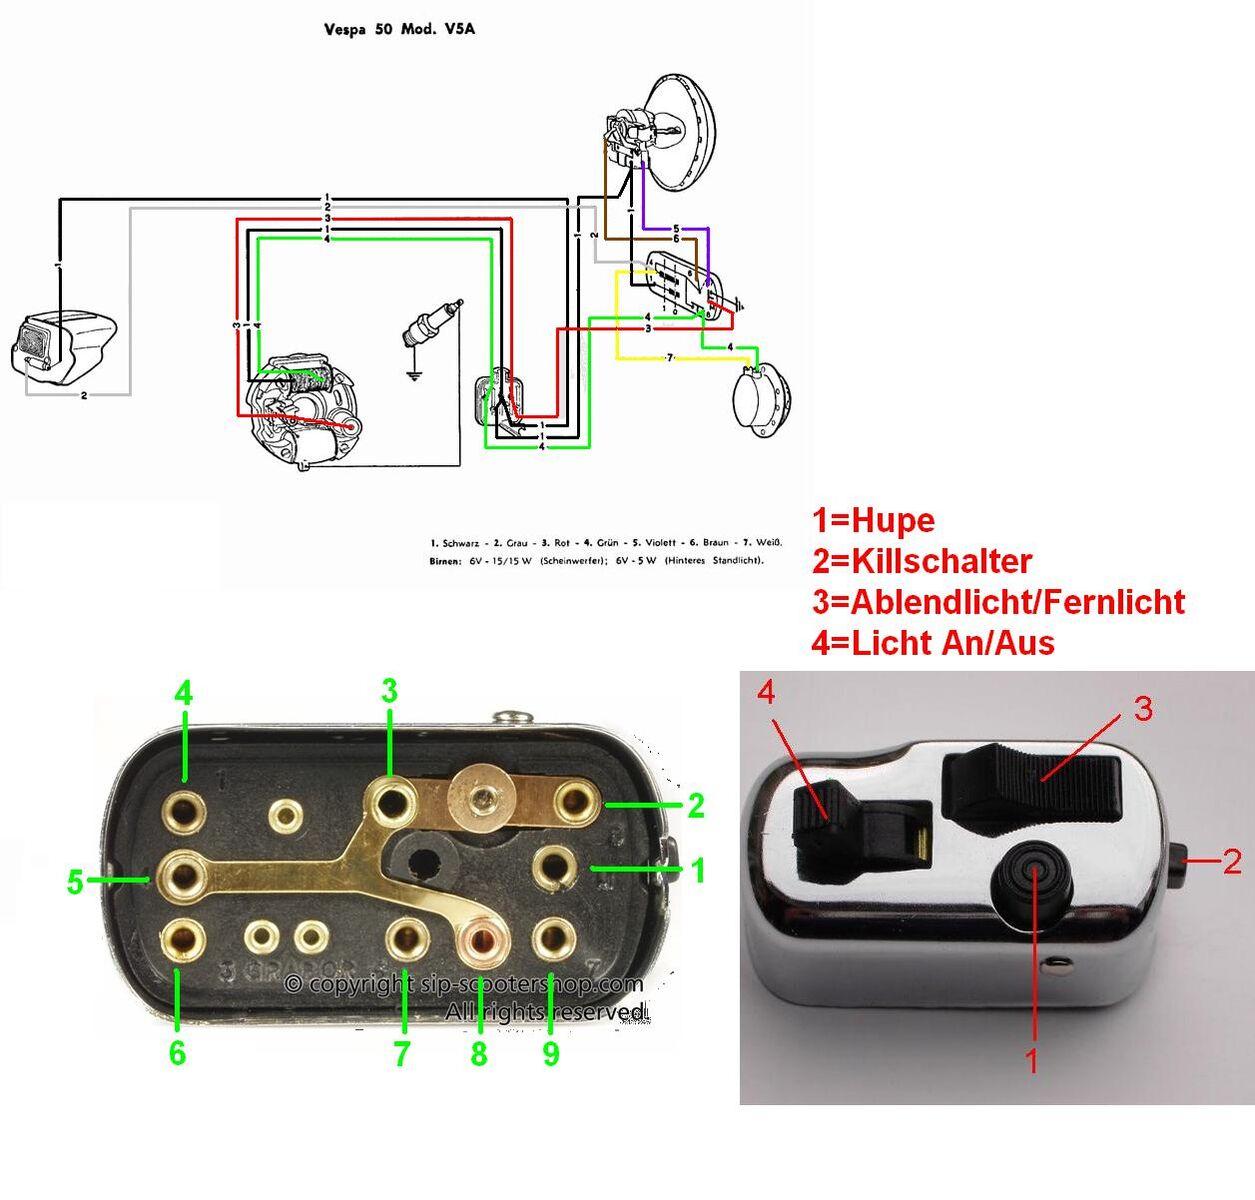 Probleme beim Anschluß des Lichtschalters V50 R - Elektrik - Dein ...